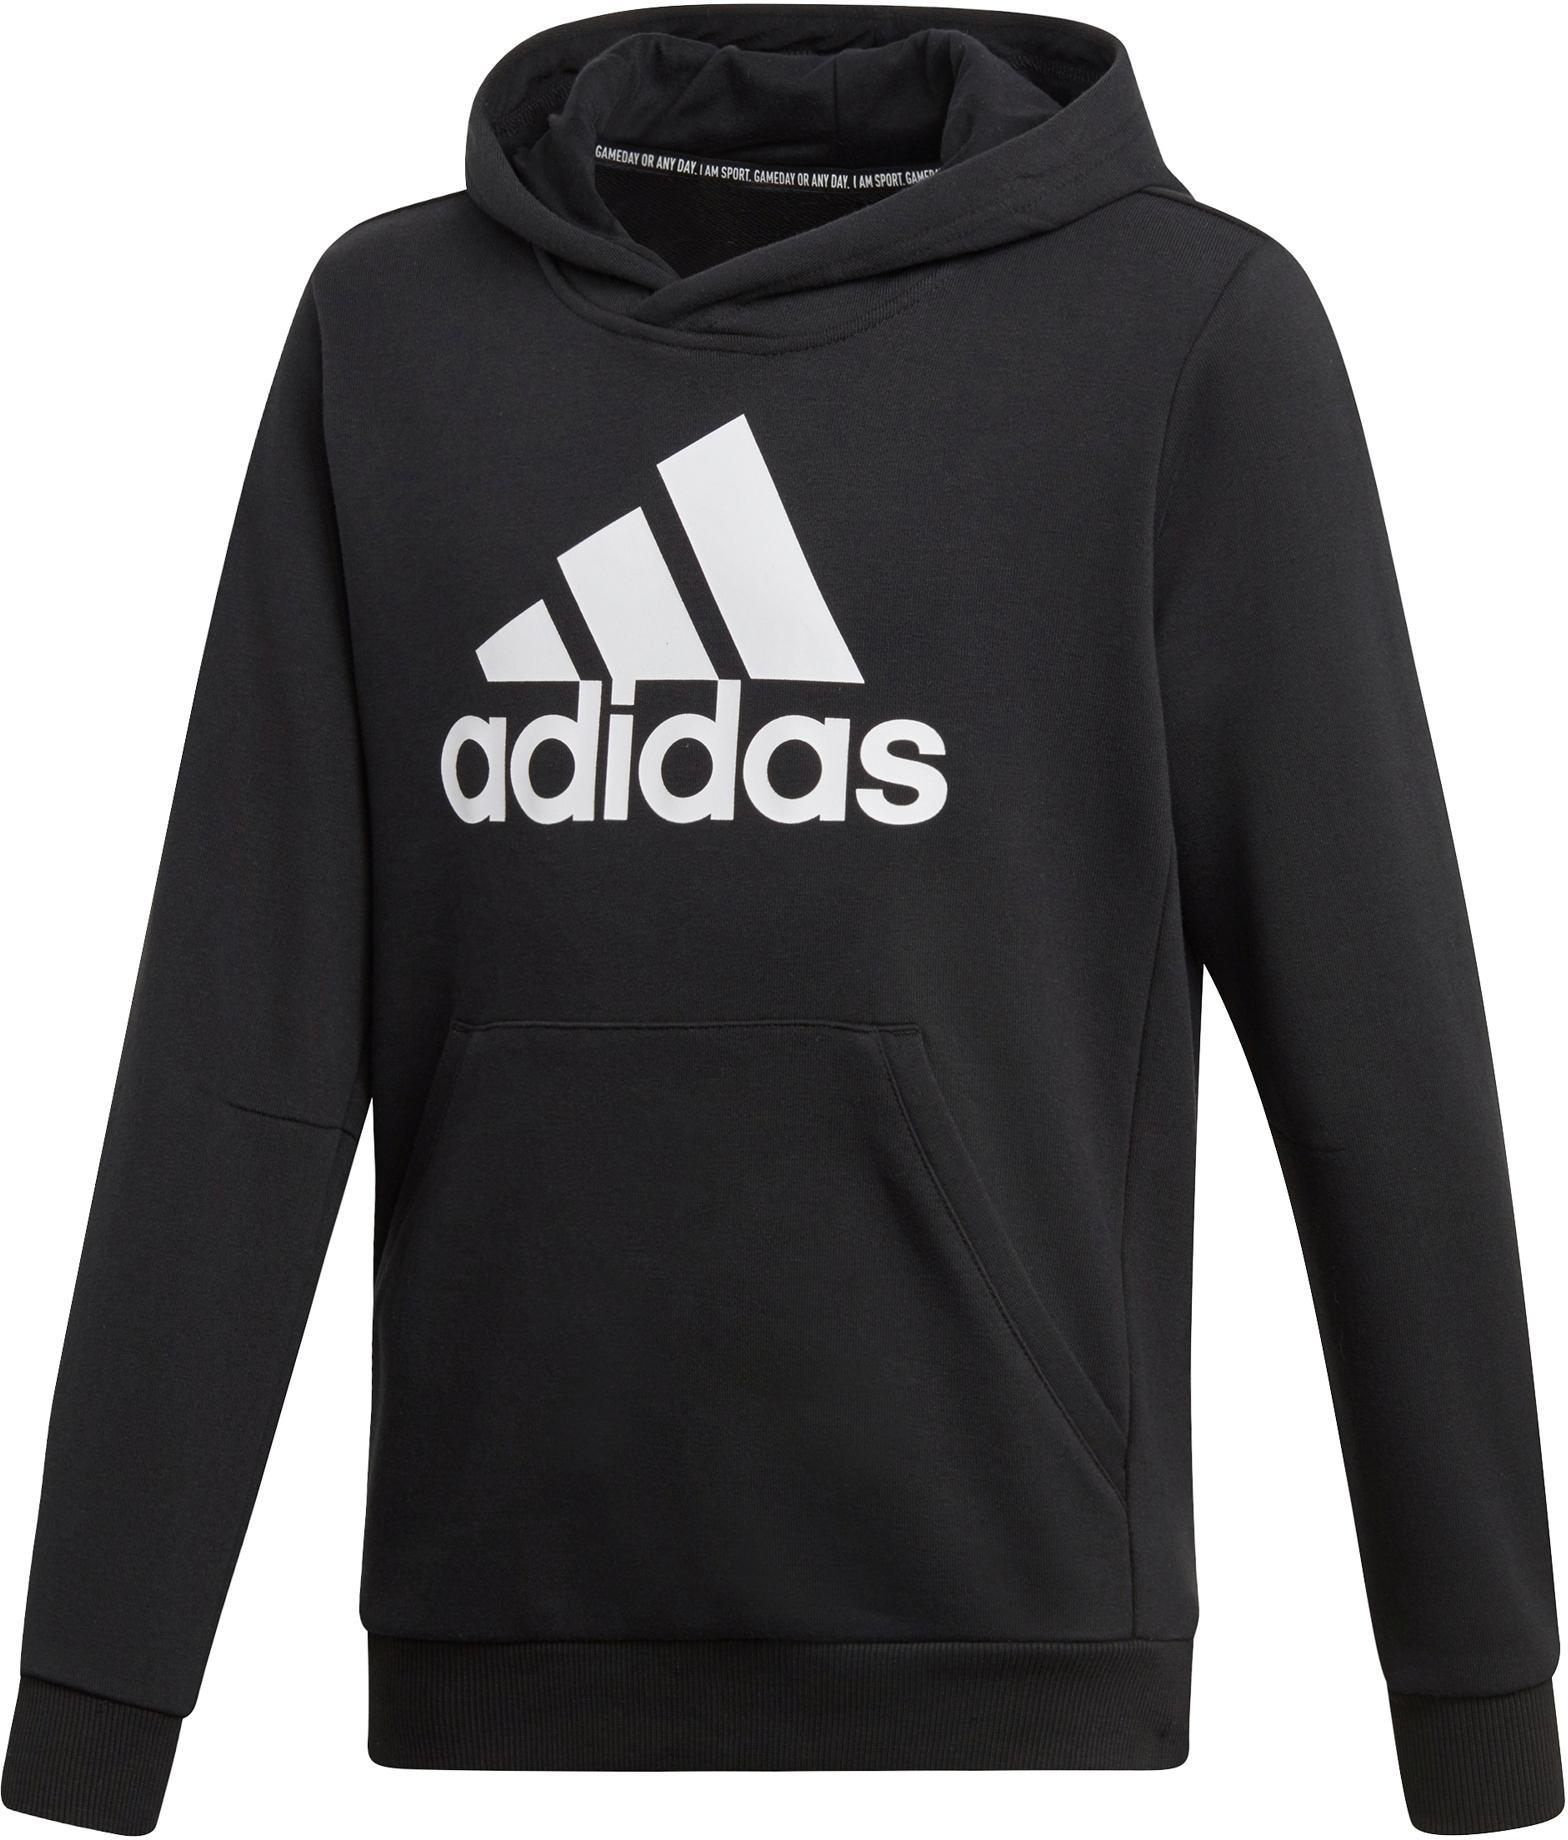 Pullover & Sweats für Kinder von adidas im Online Shop von